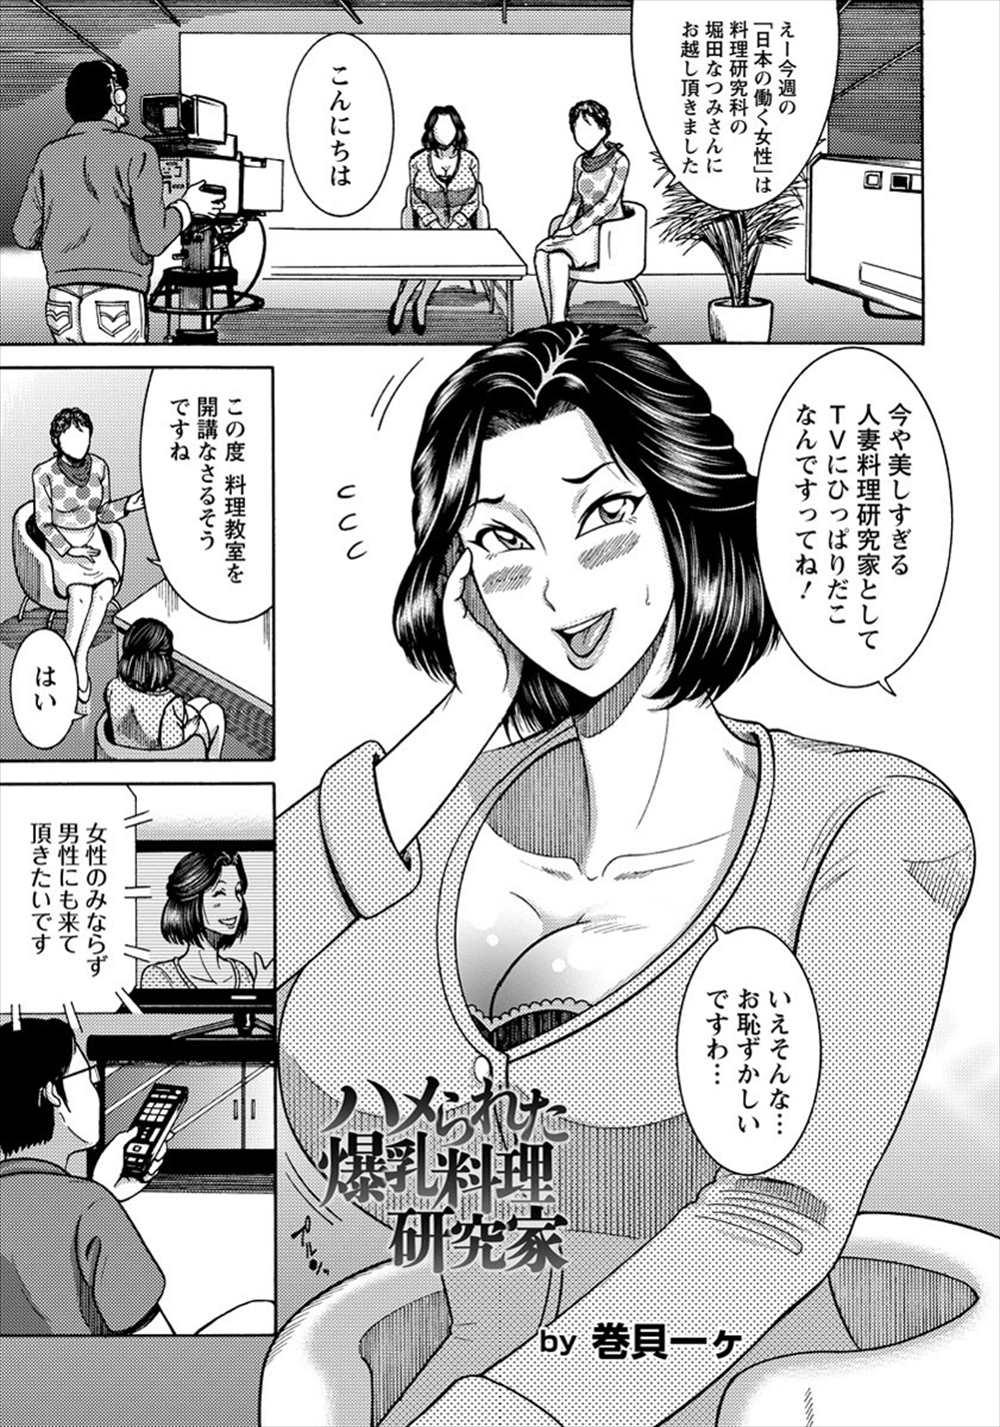 【エロ漫画】ショタ生徒に手を出した人妻料理家ビッチが脅迫されて輪姦乱交性奴隷に…